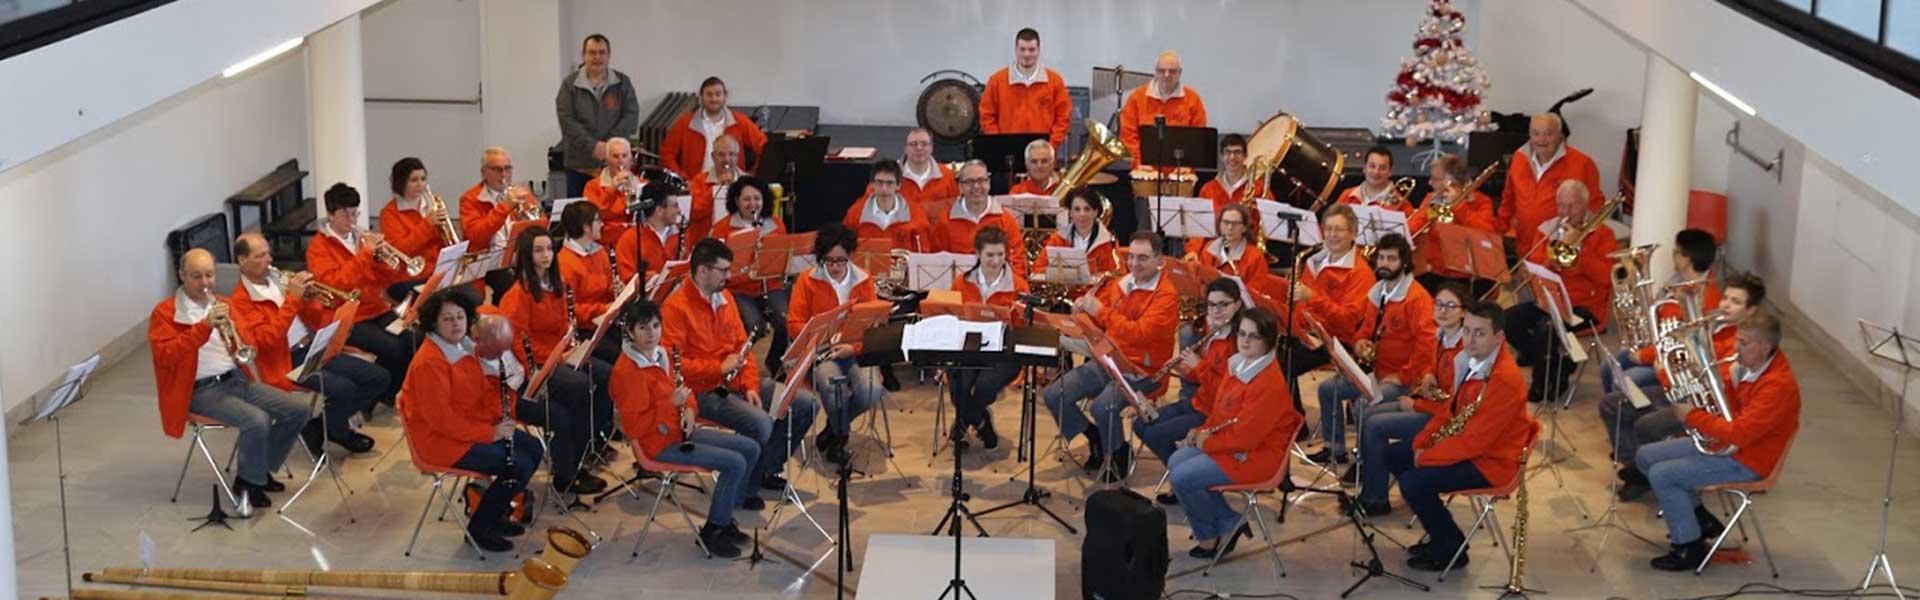 La Filarmonica a Bande e Cuori